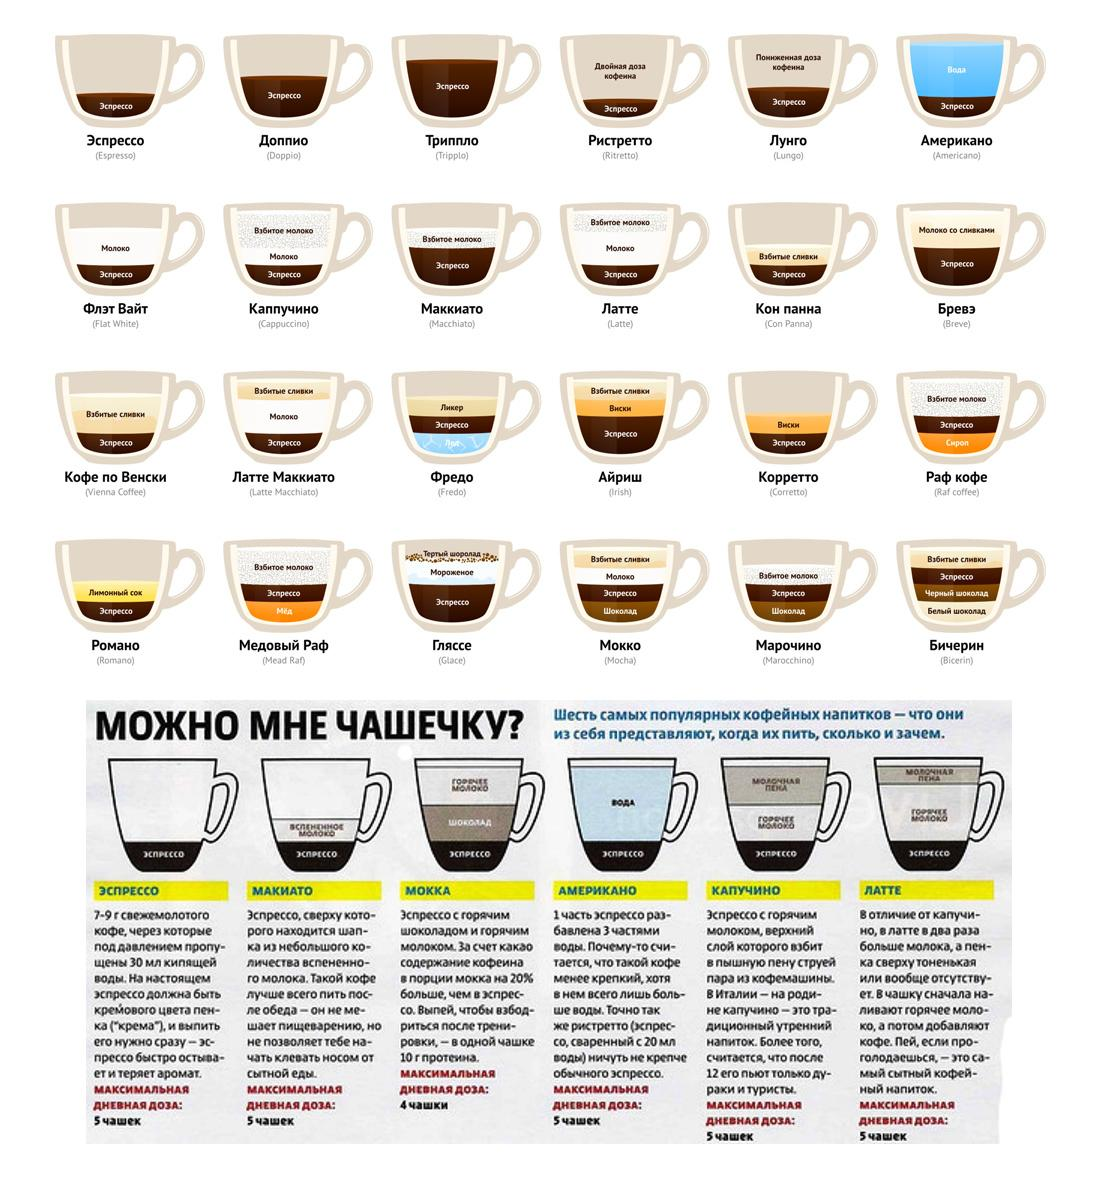 История американо, как появился этот кофе, чем отличается от других